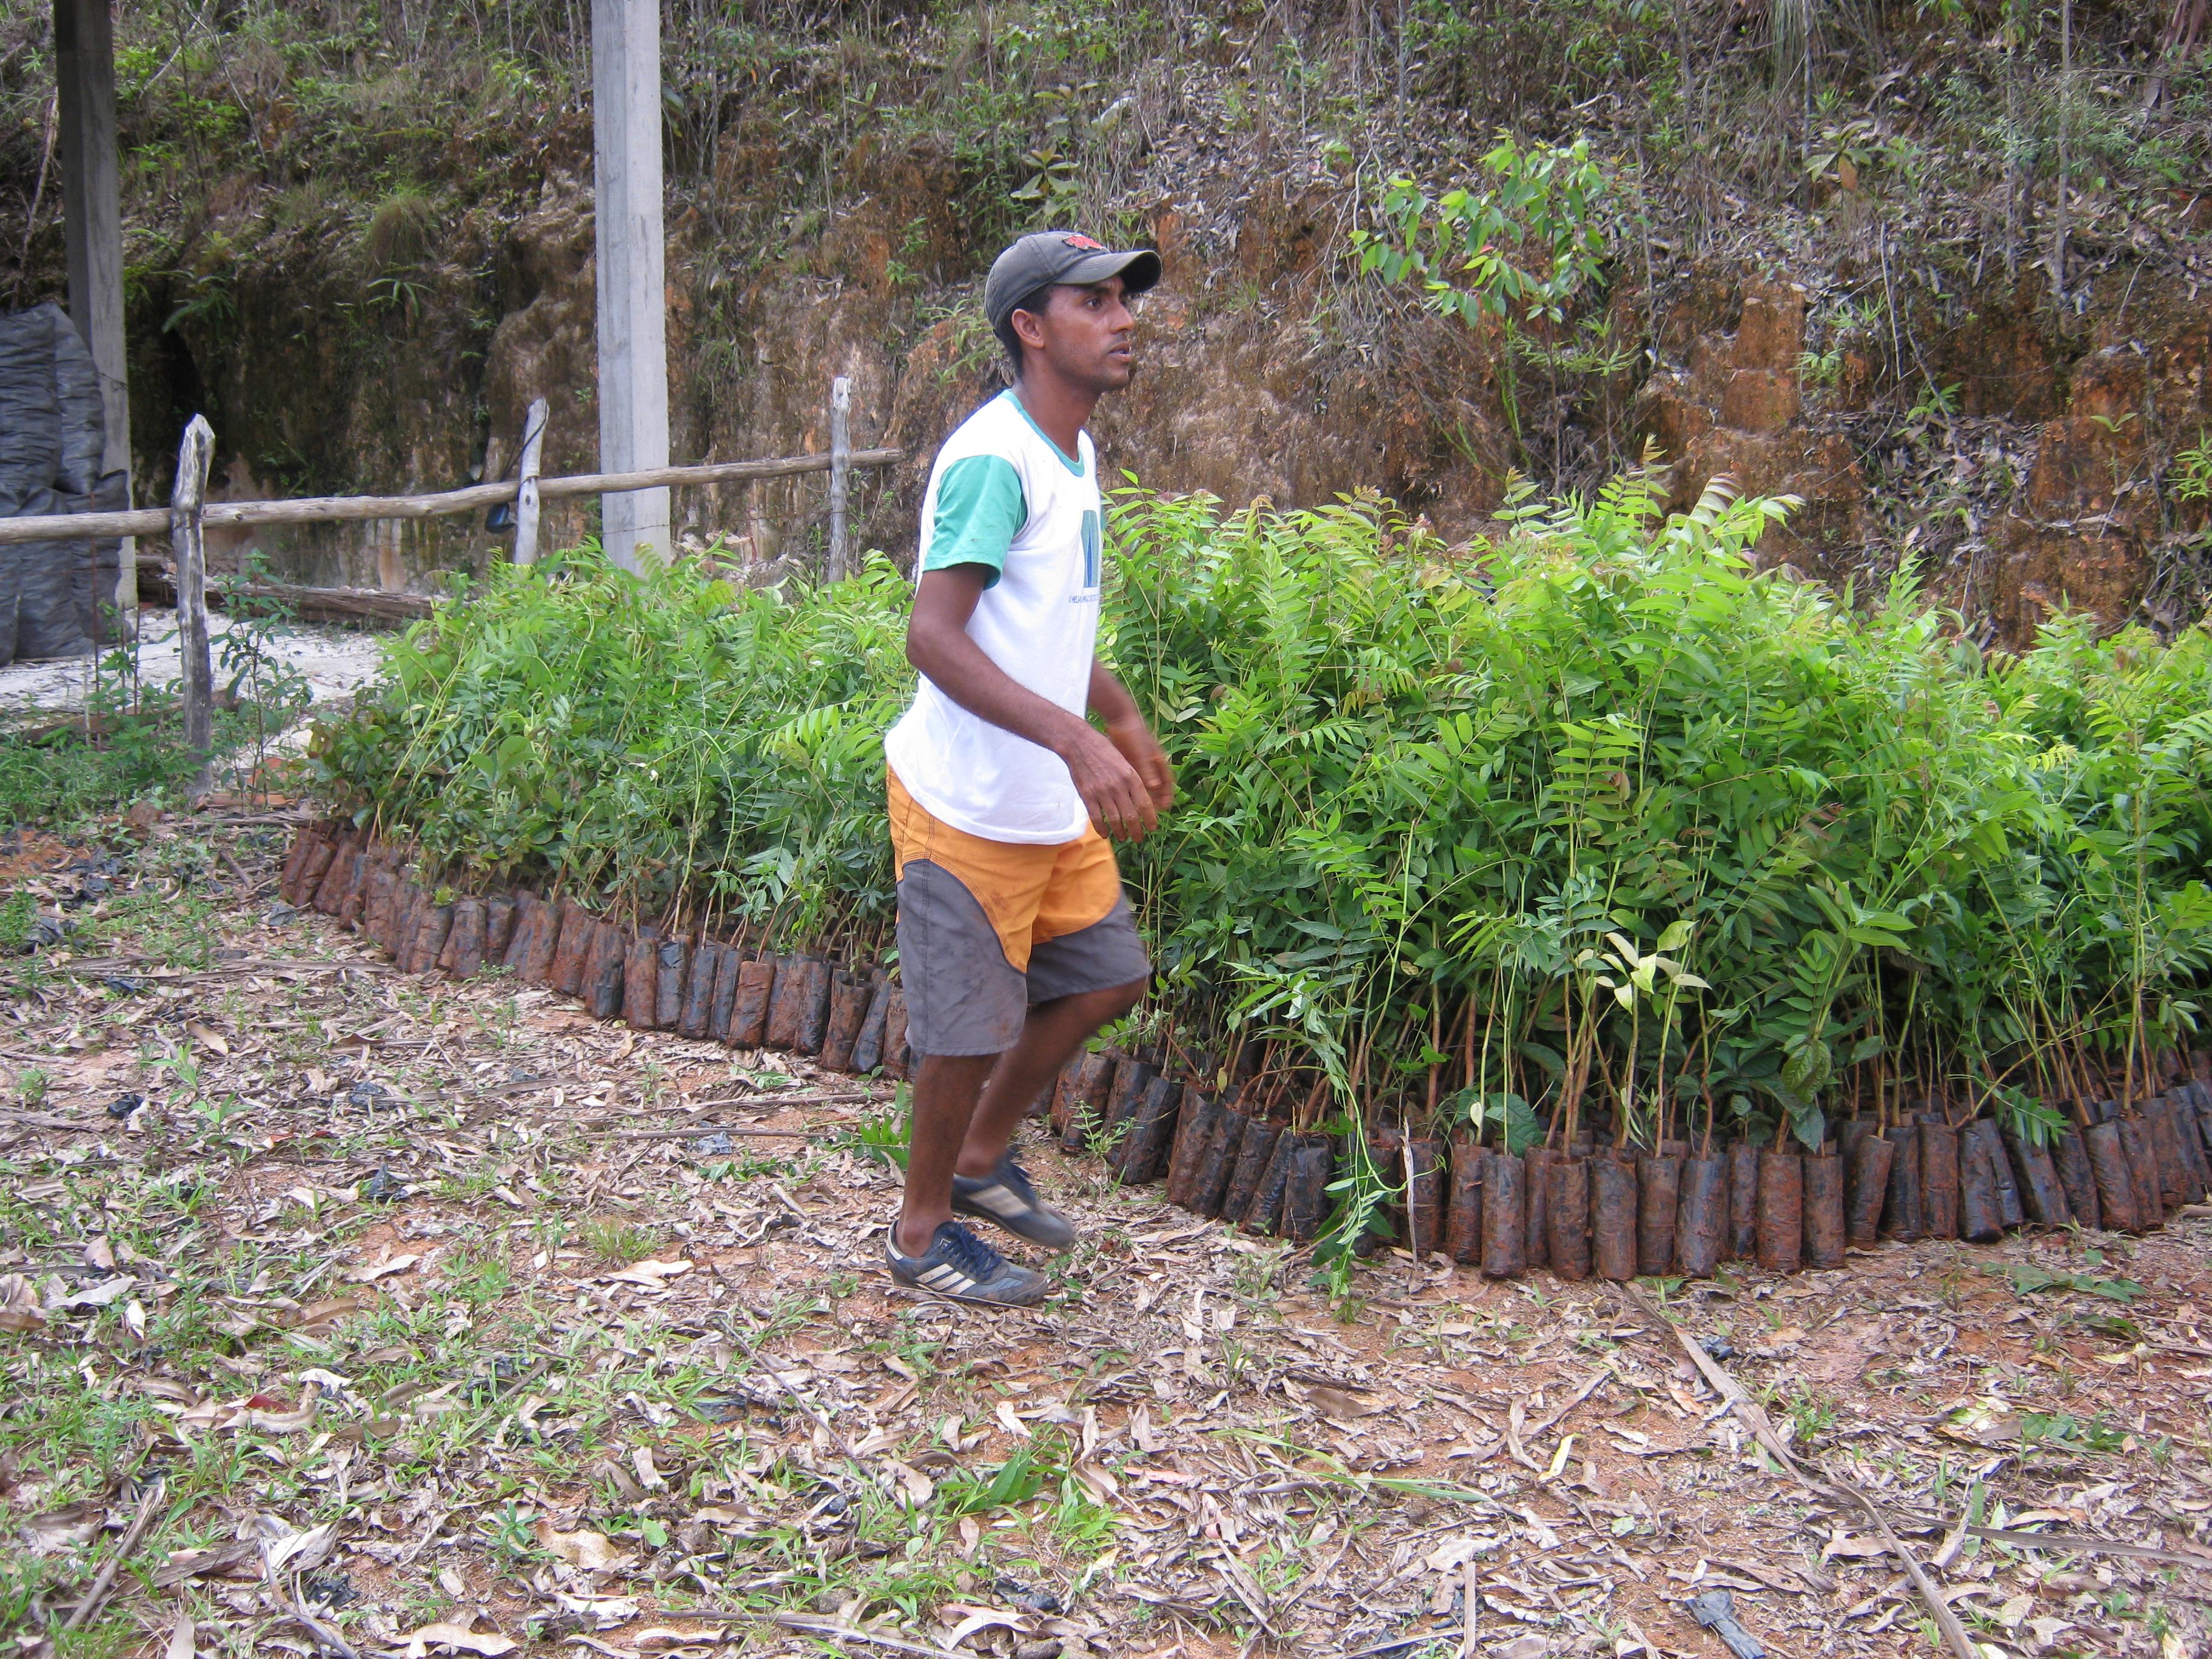 Entrega de mudas para reflorestamento. Foto: Amalapinha